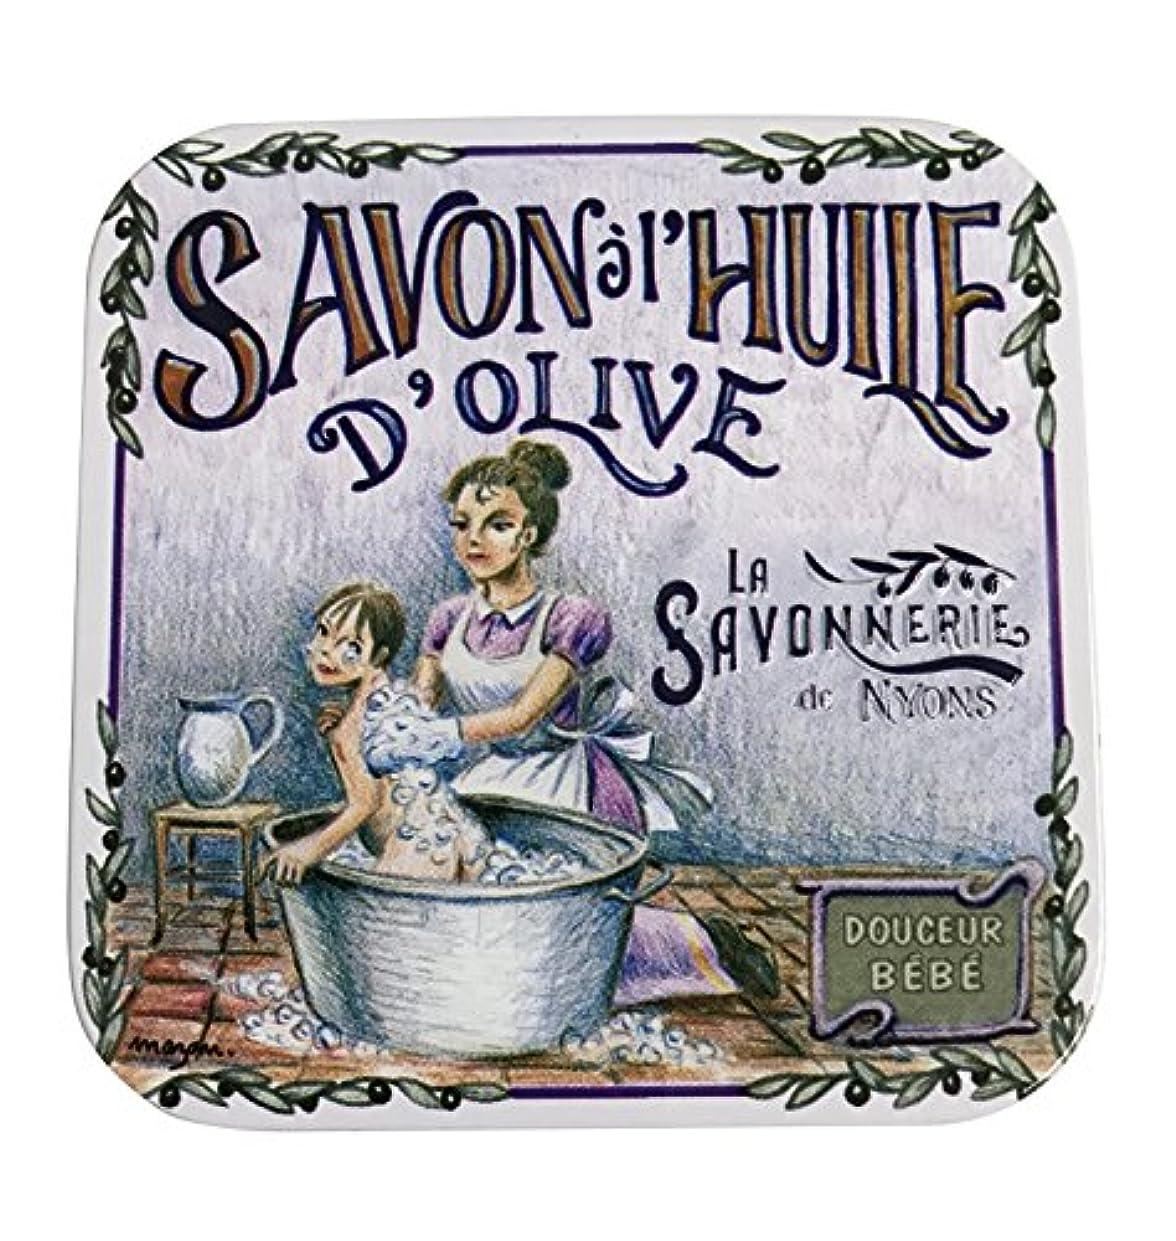 農業の裸選択ラ?サボネリー アンティーク缶入り石鹸 タイプ100 ハウスワイフ(ローズ)